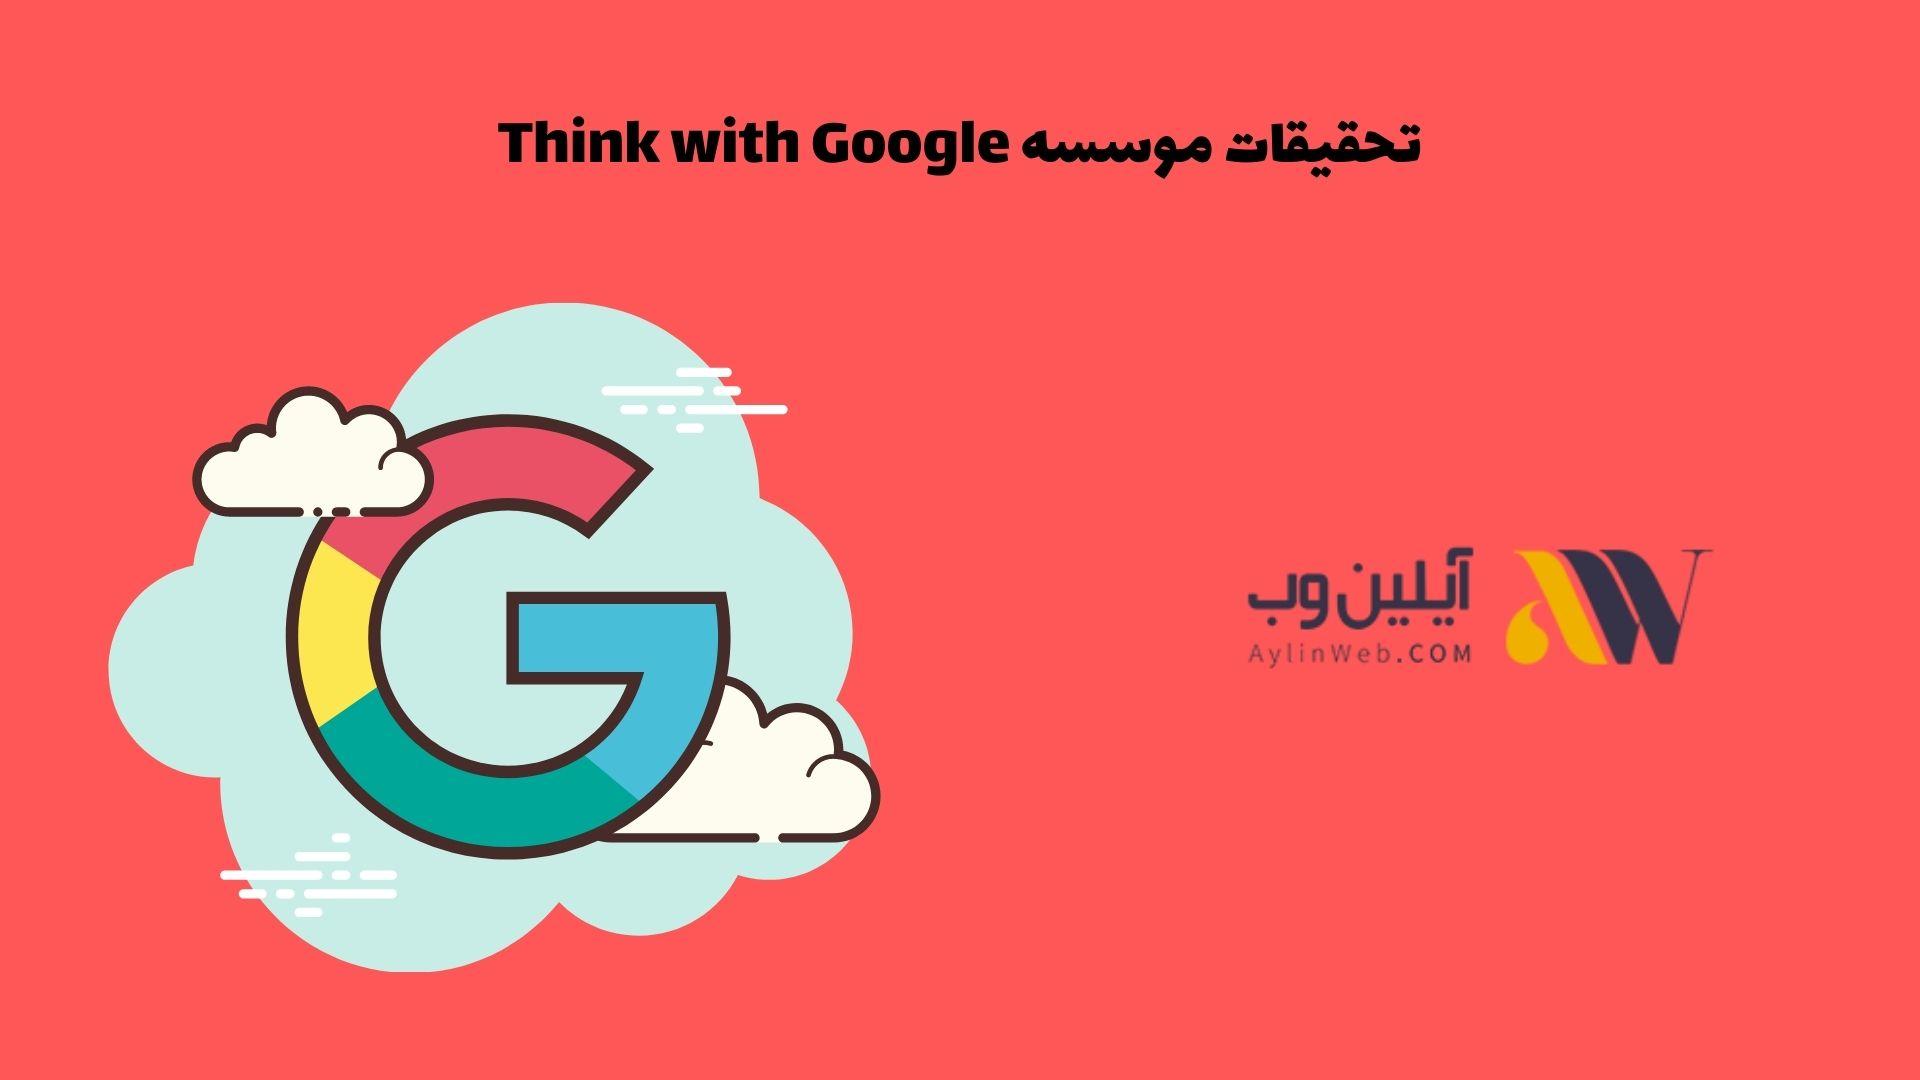 تحقیقات موسسه Think with Google